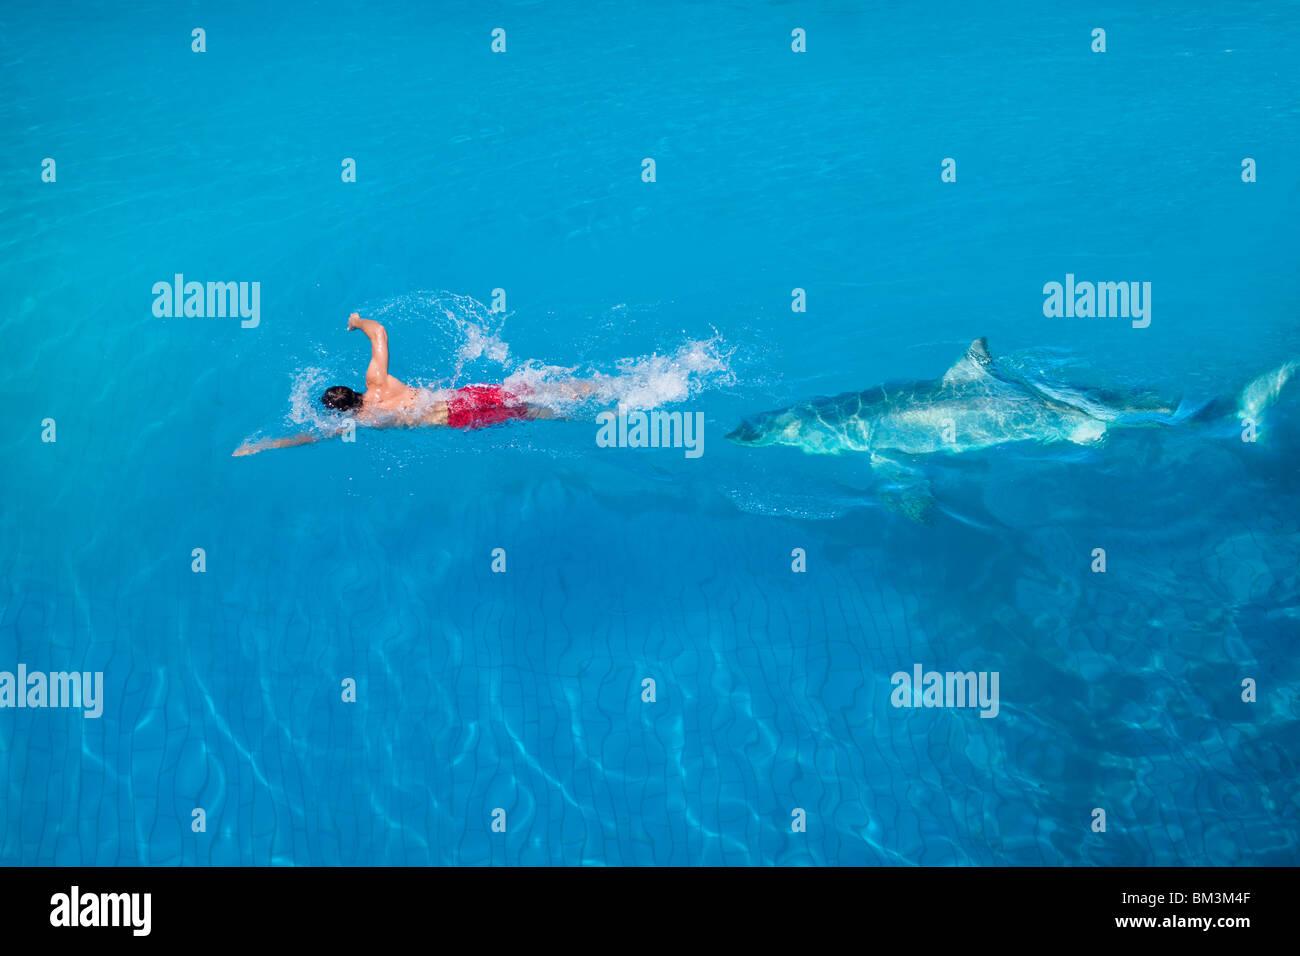 Di essere perseguitati da uno squalo Immagini Stock